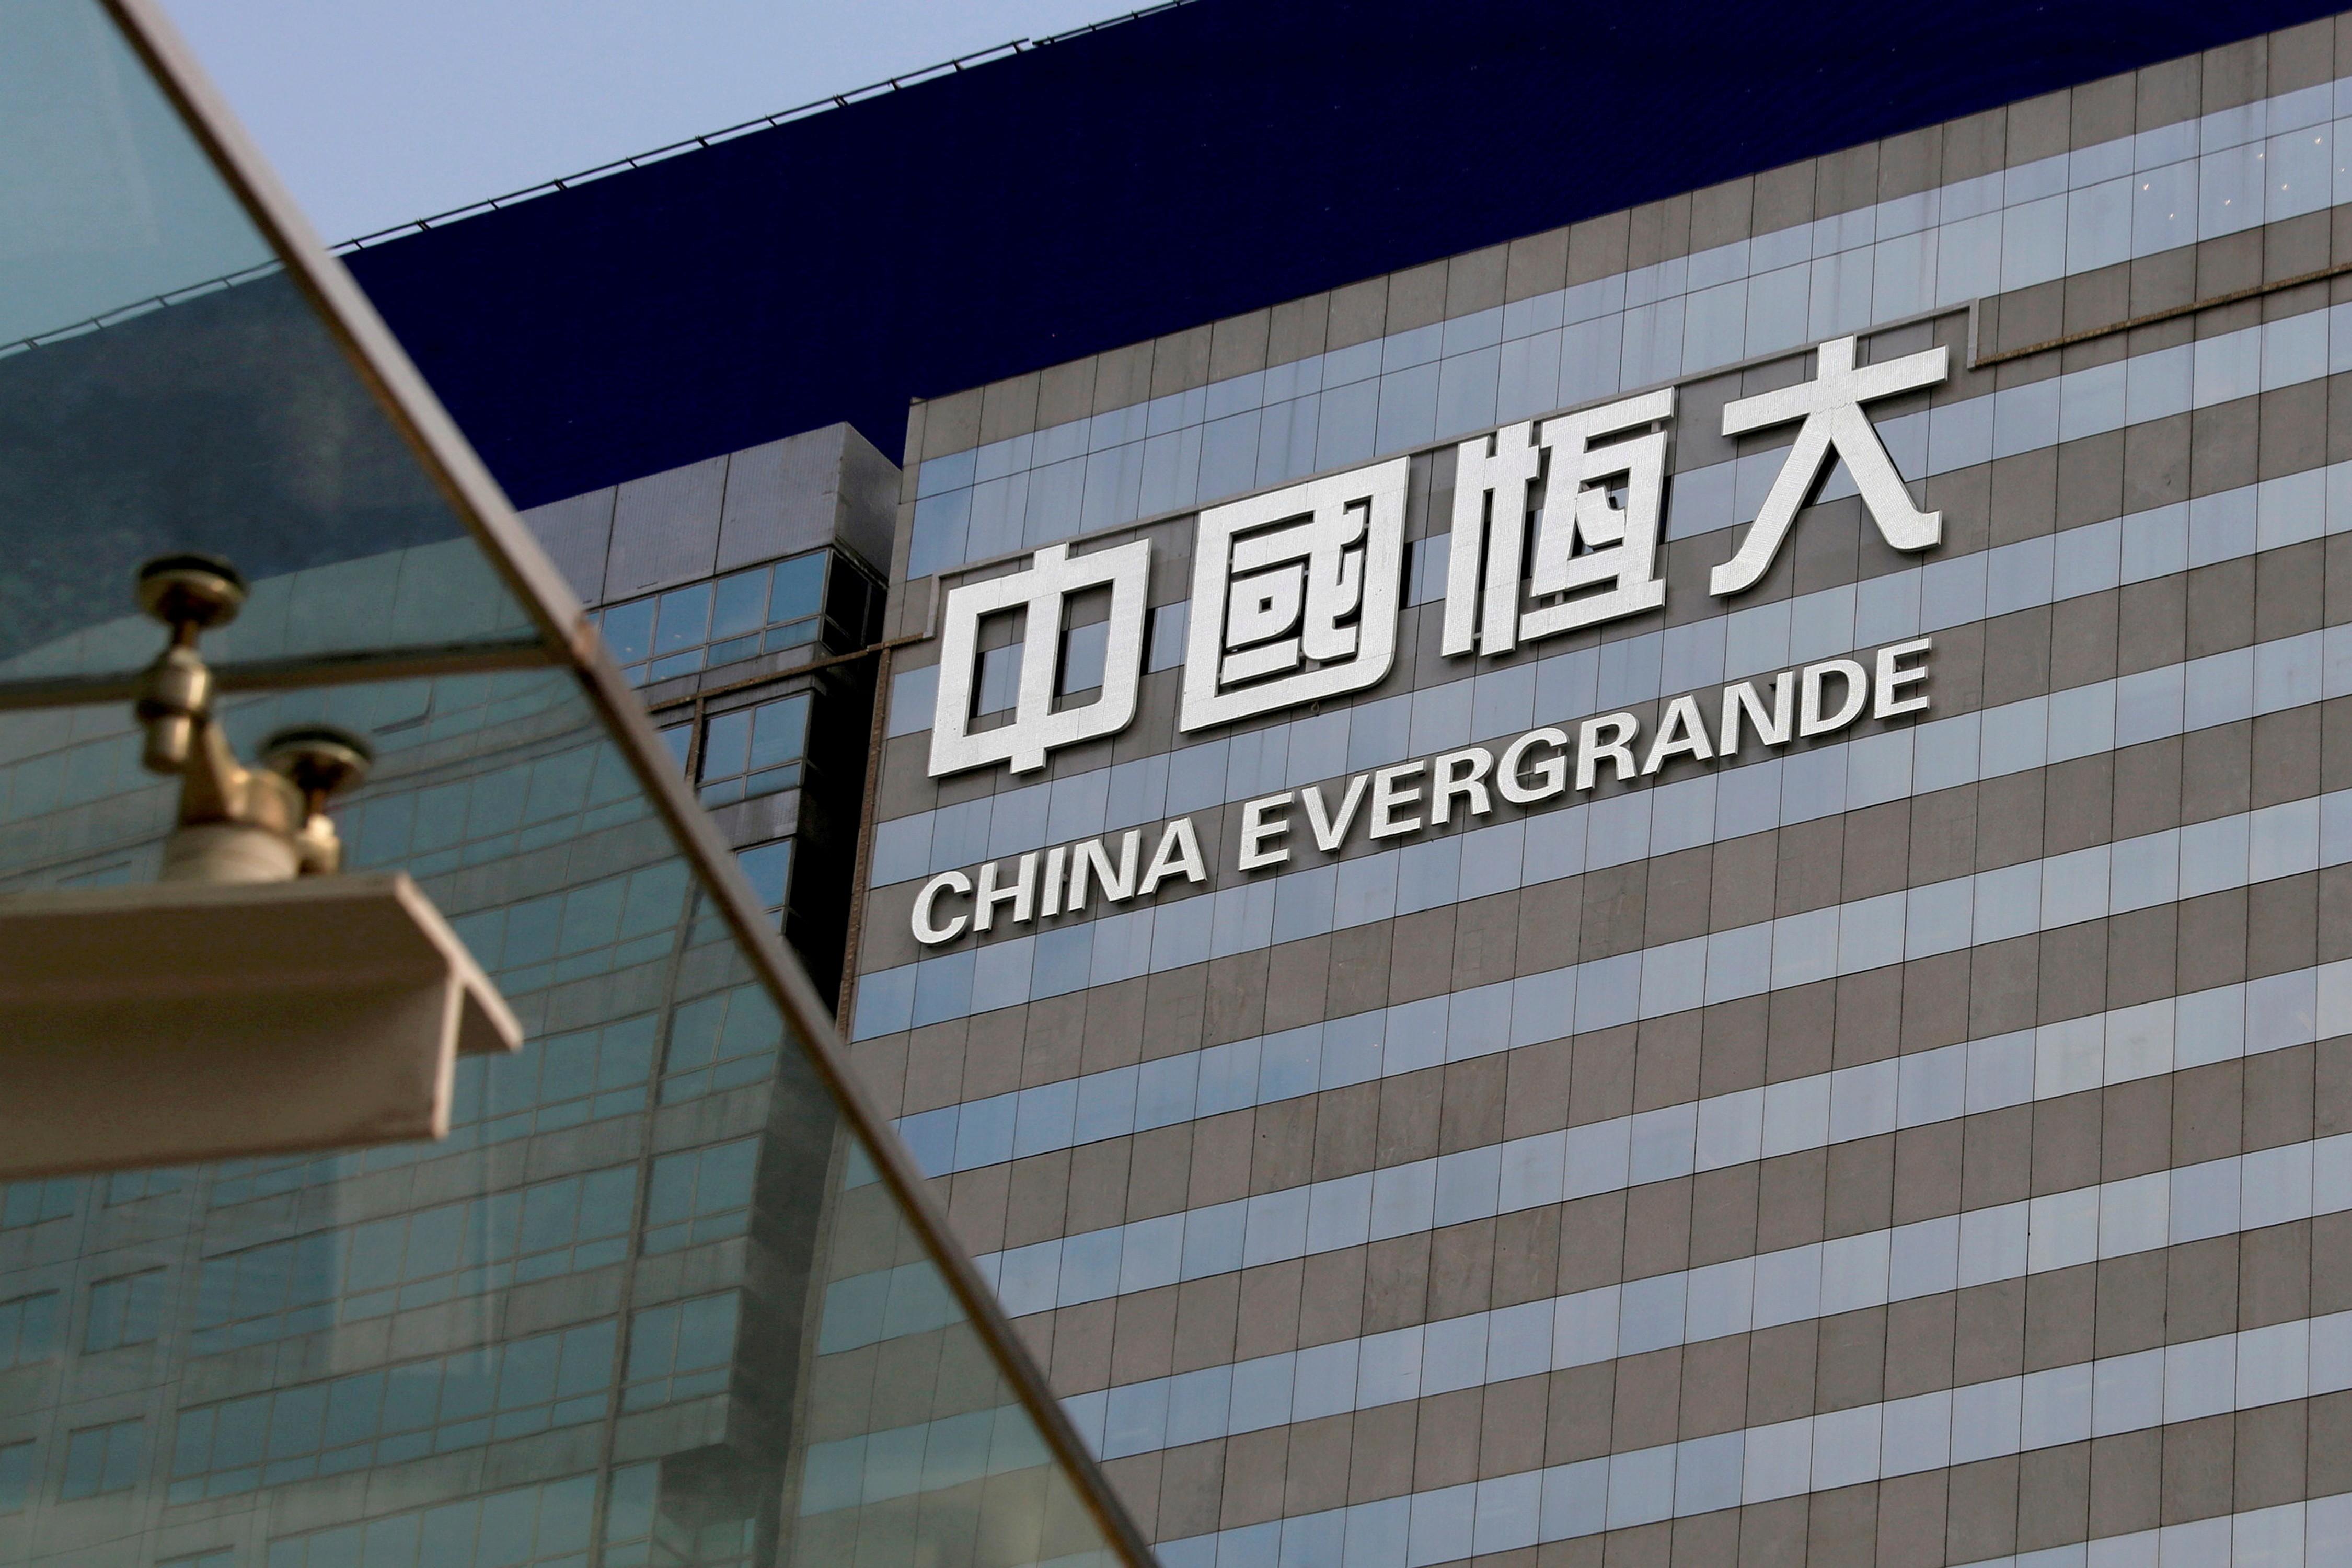 Ações da Evergrande caem mais de 10% no retorno à Bolsa